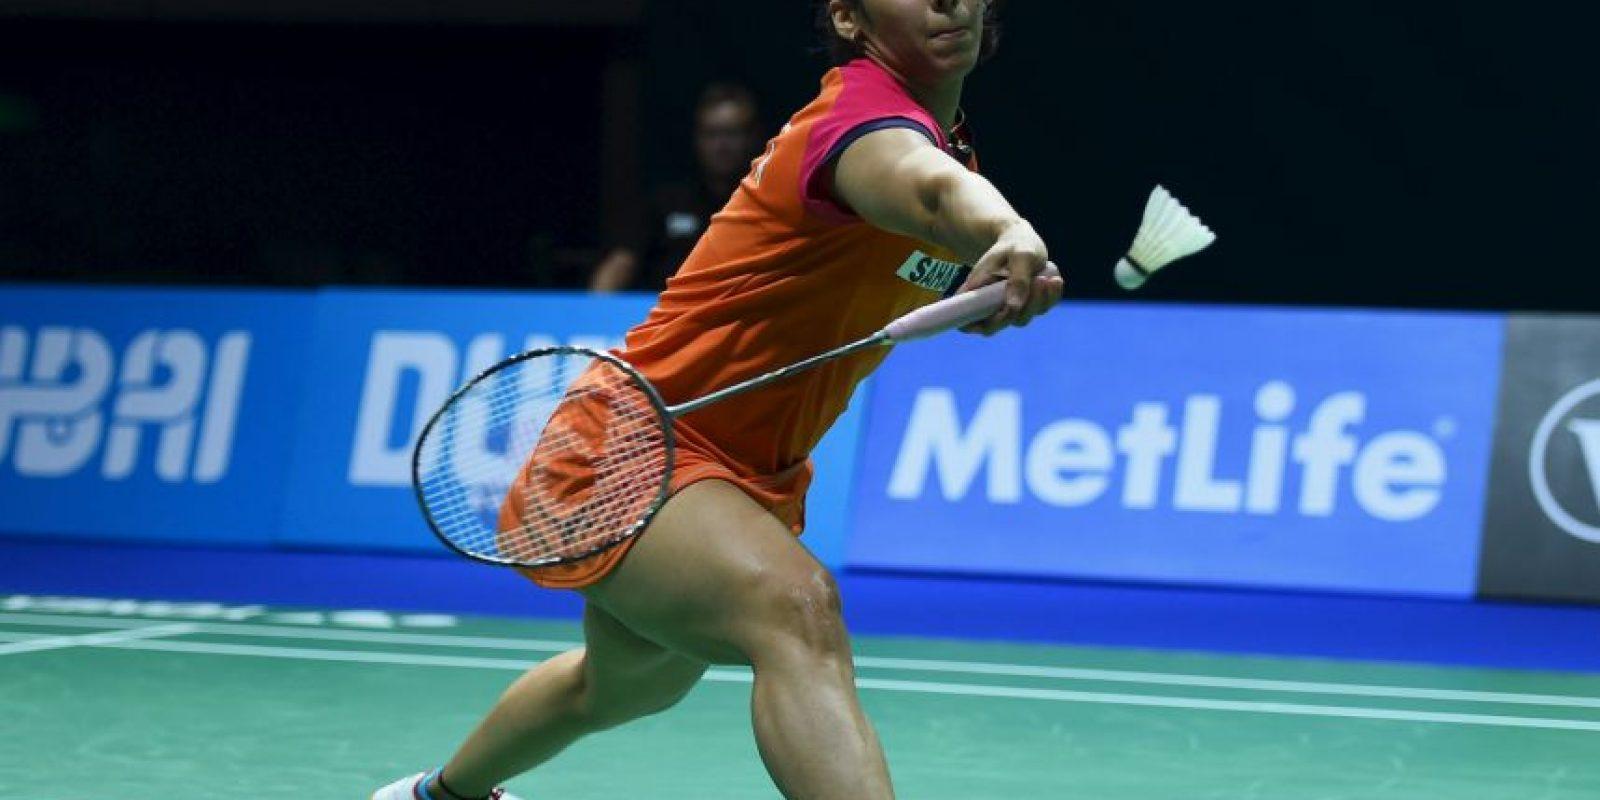 18. Saina Nehwal. La estrella india de badminton se caracteriza por sus proyectos de caridad para niños alrededor del mundo Foto:Getty Images